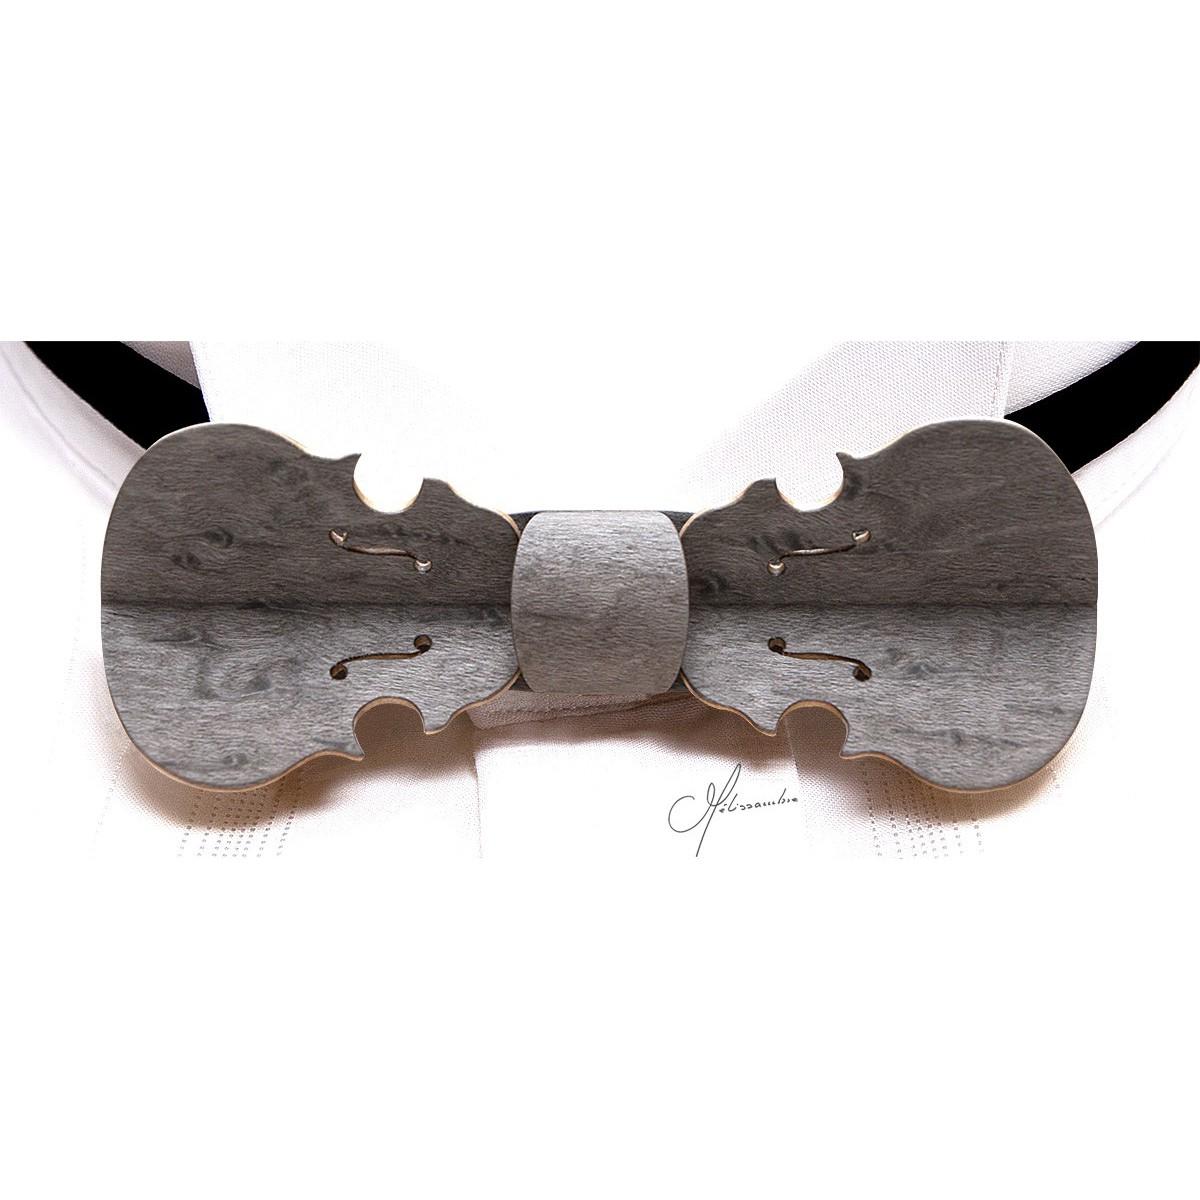 vente en ligne Chaussures de skate profiter de prix pas cher Nœud papillon bois, Violon gris perlé